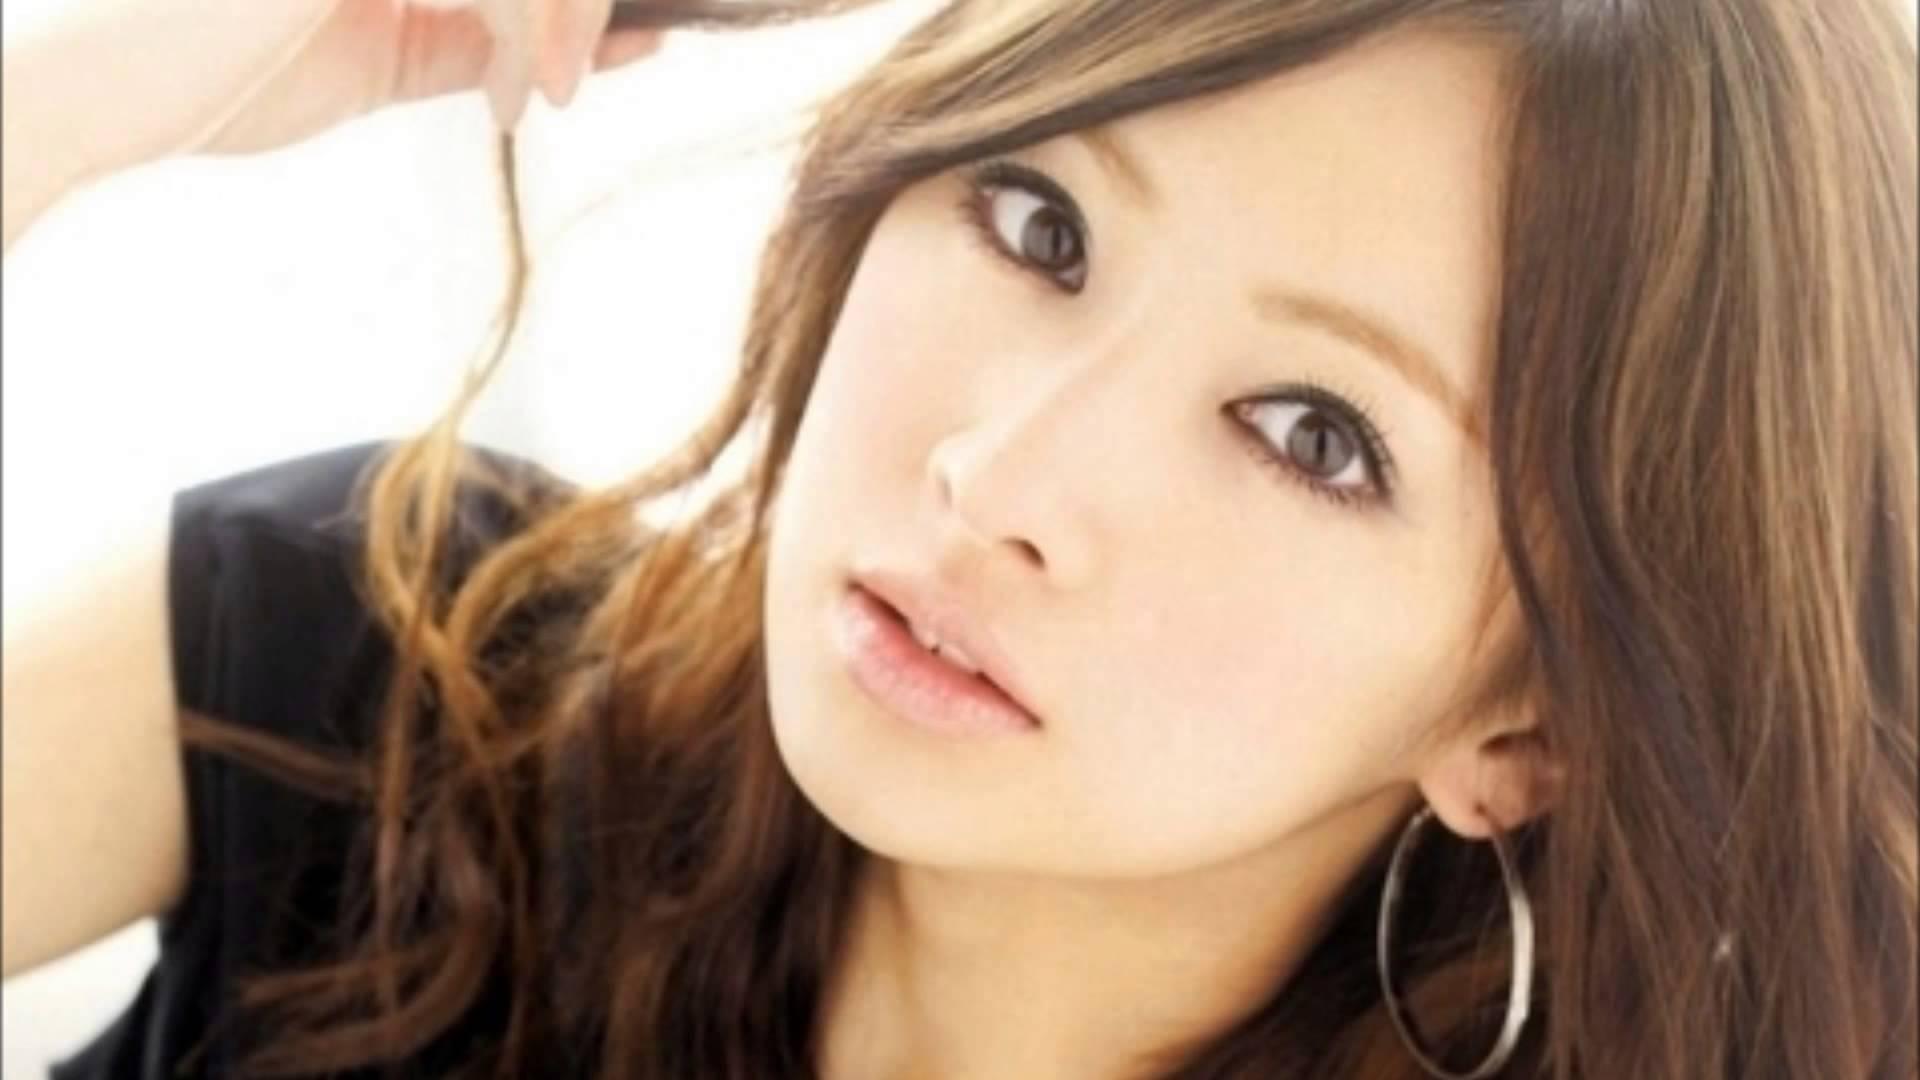 【注目】泣いていても美しいほど美人な北川景子のすっぴん姿!!のサムネイル画像